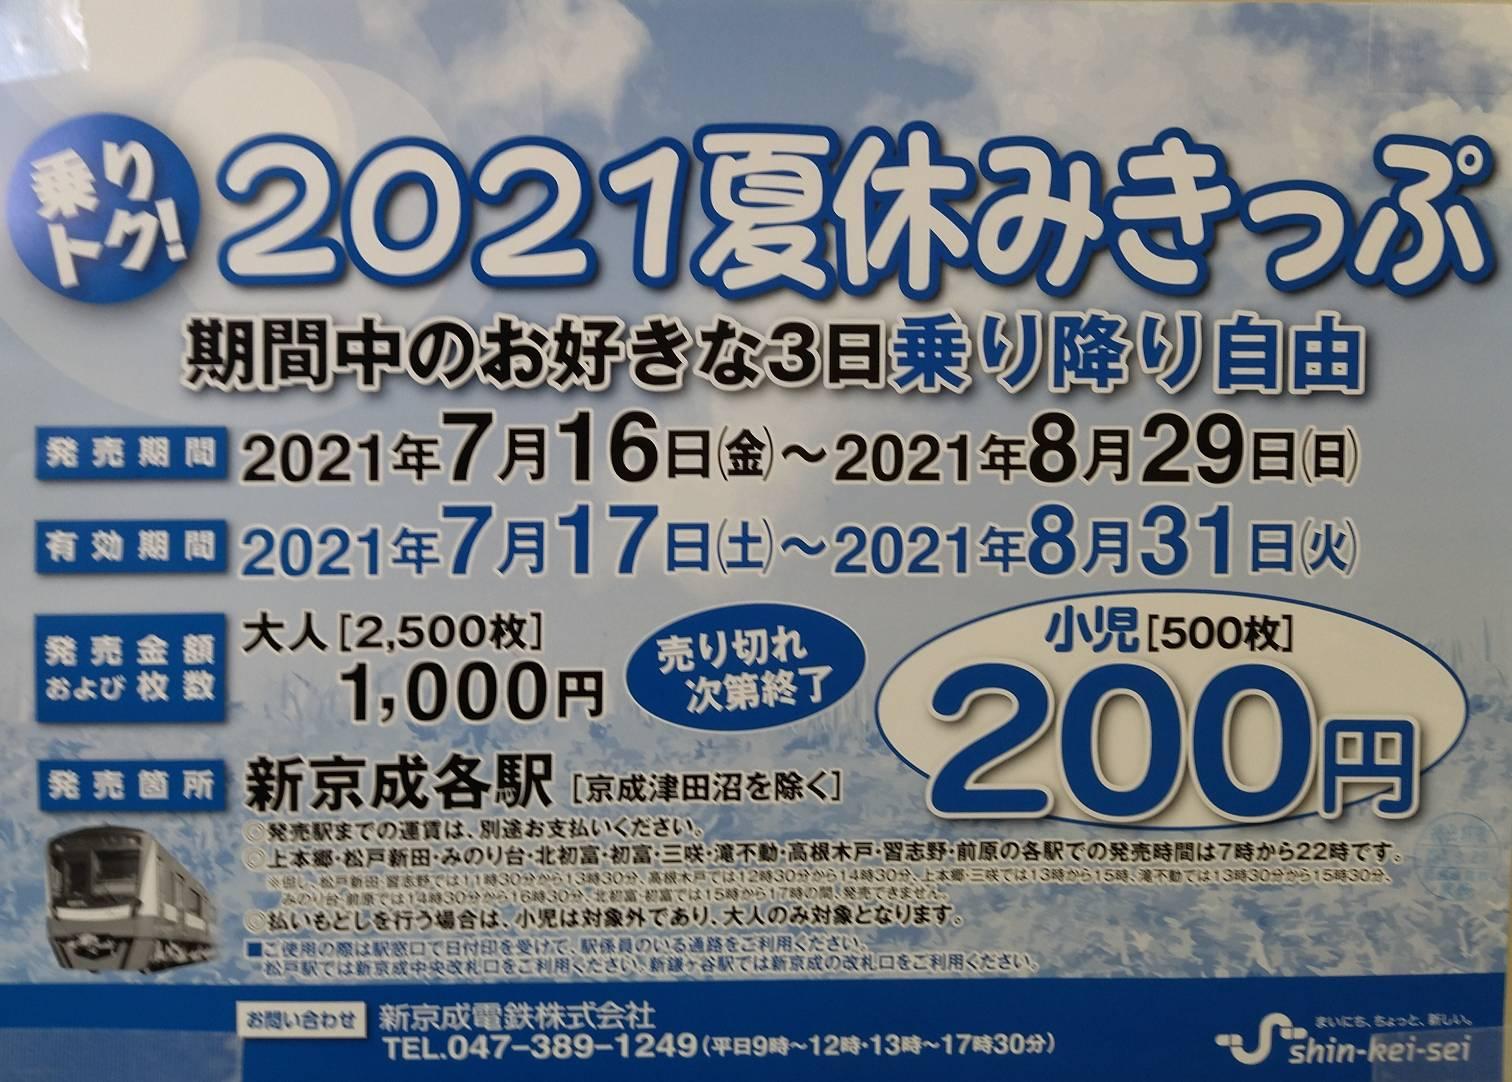 新京成電鉄のお得なきっぷ2021夏乗り放題